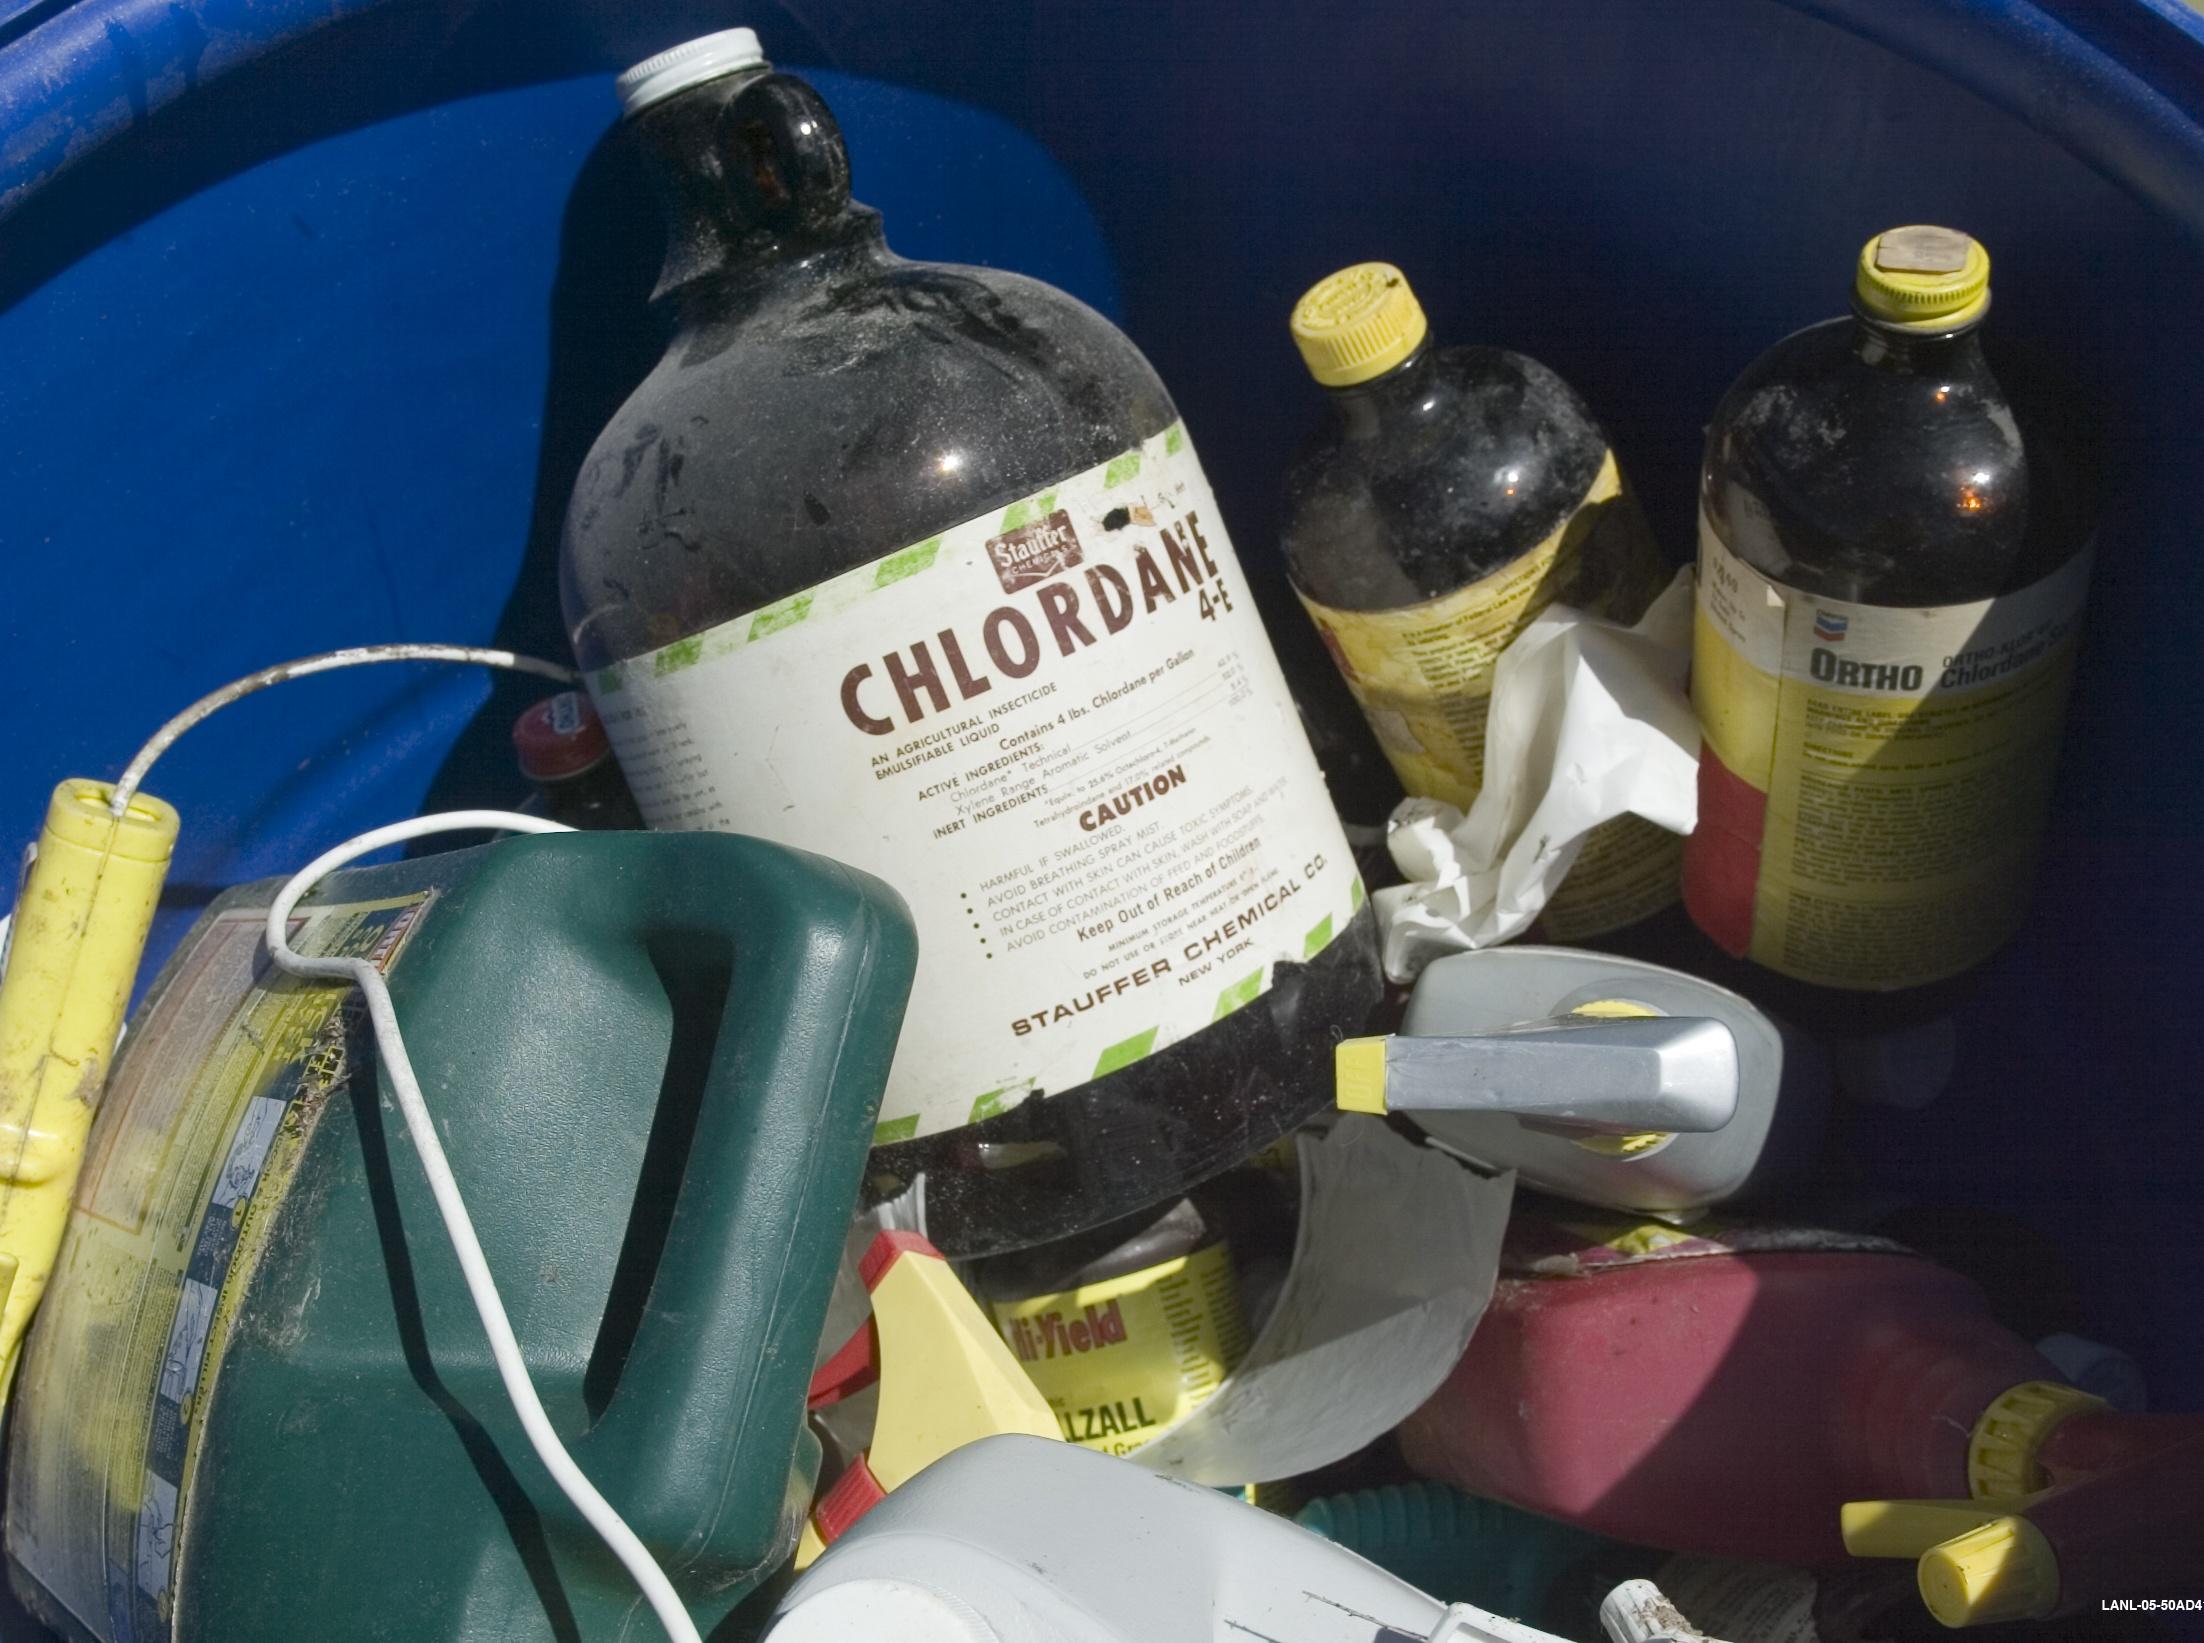 colectare deseuri chimice periculoase Craiova Dolj